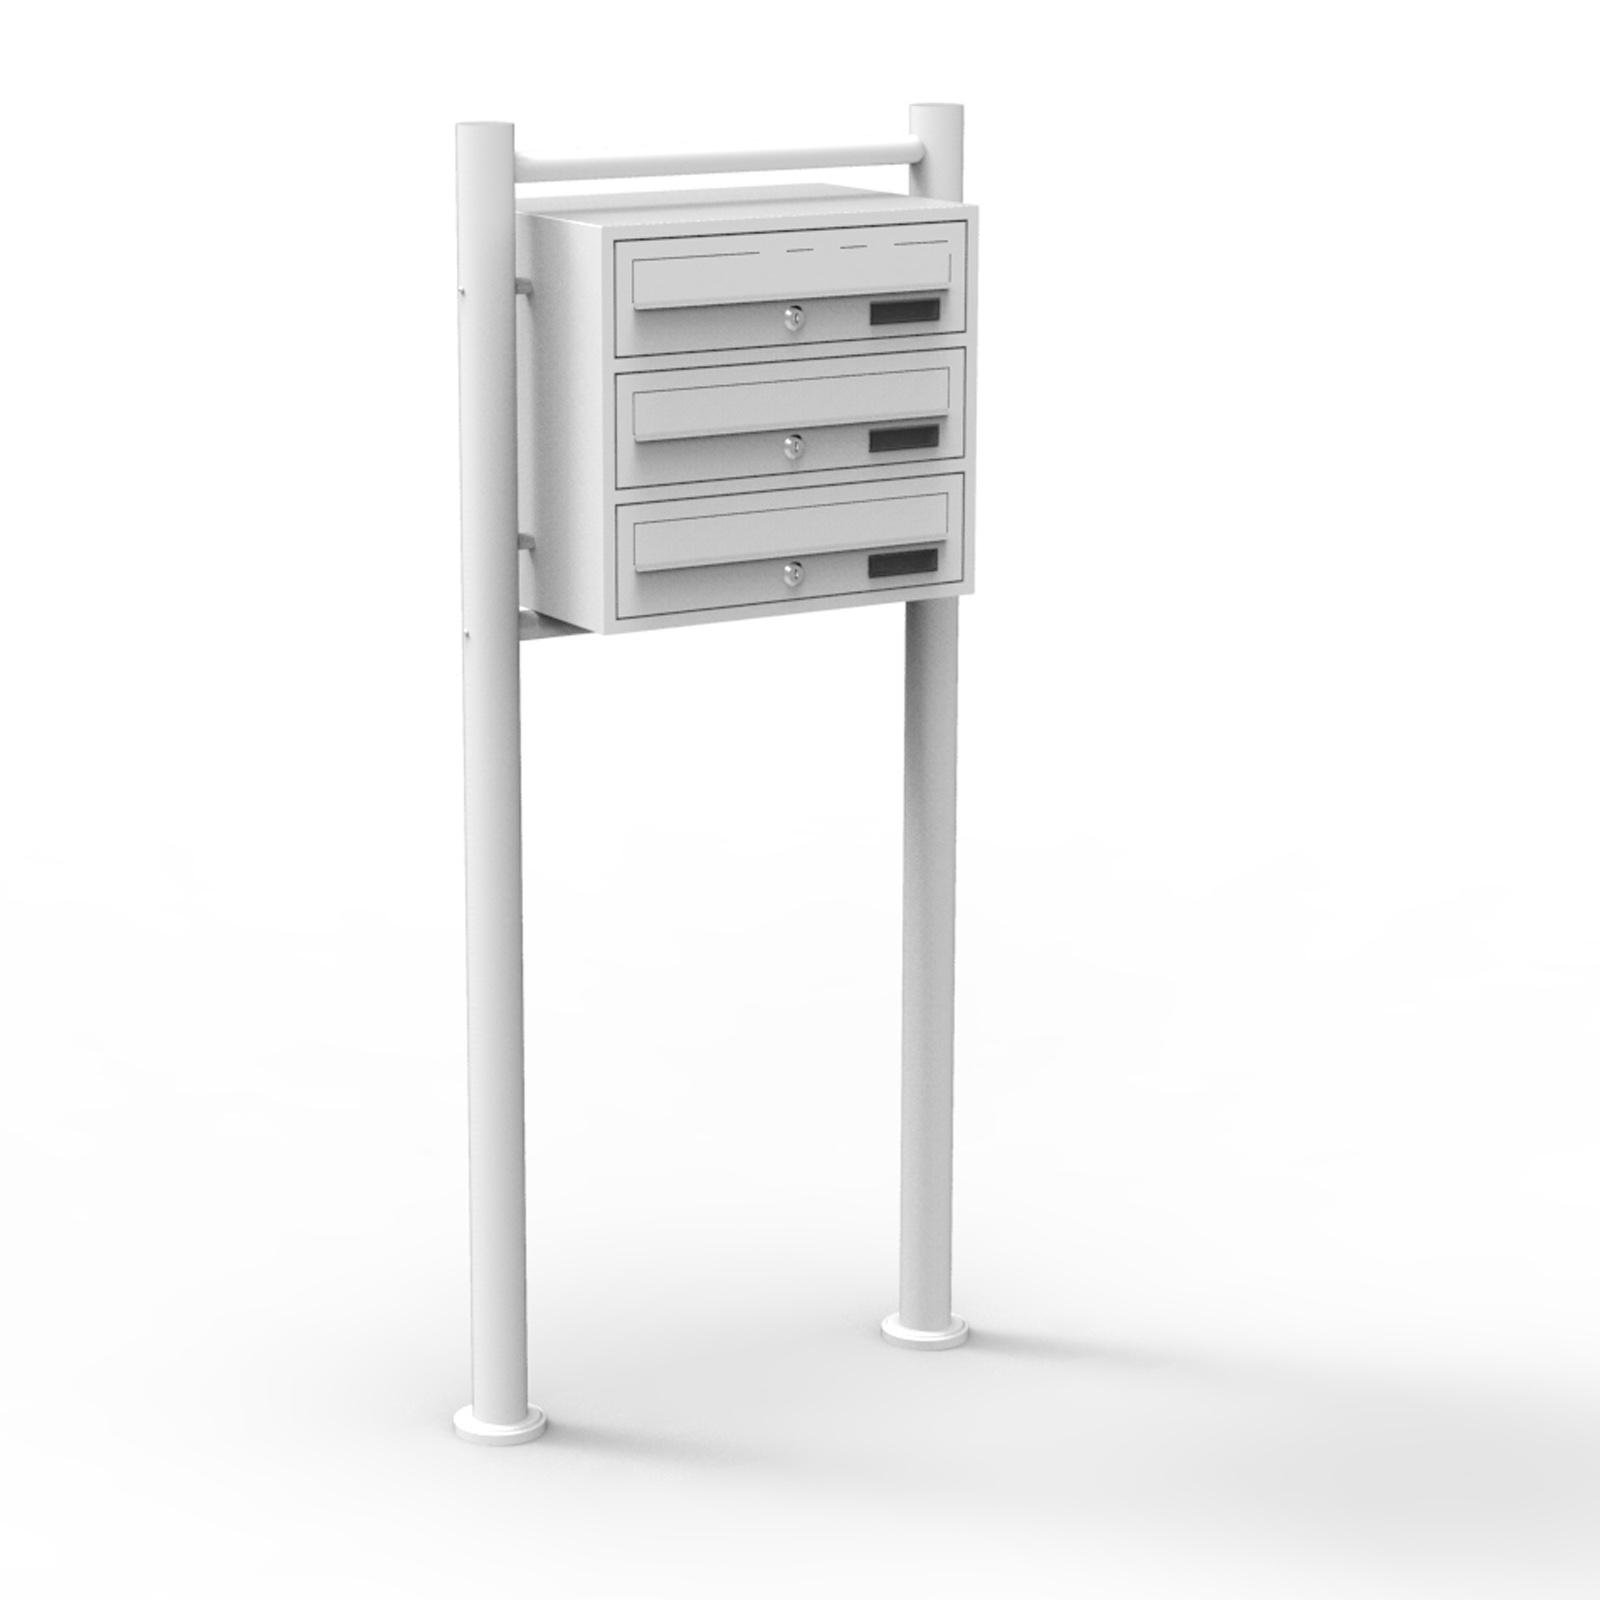 3er briefkastenanlage wei postbox standbriefkasten. Black Bedroom Furniture Sets. Home Design Ideas